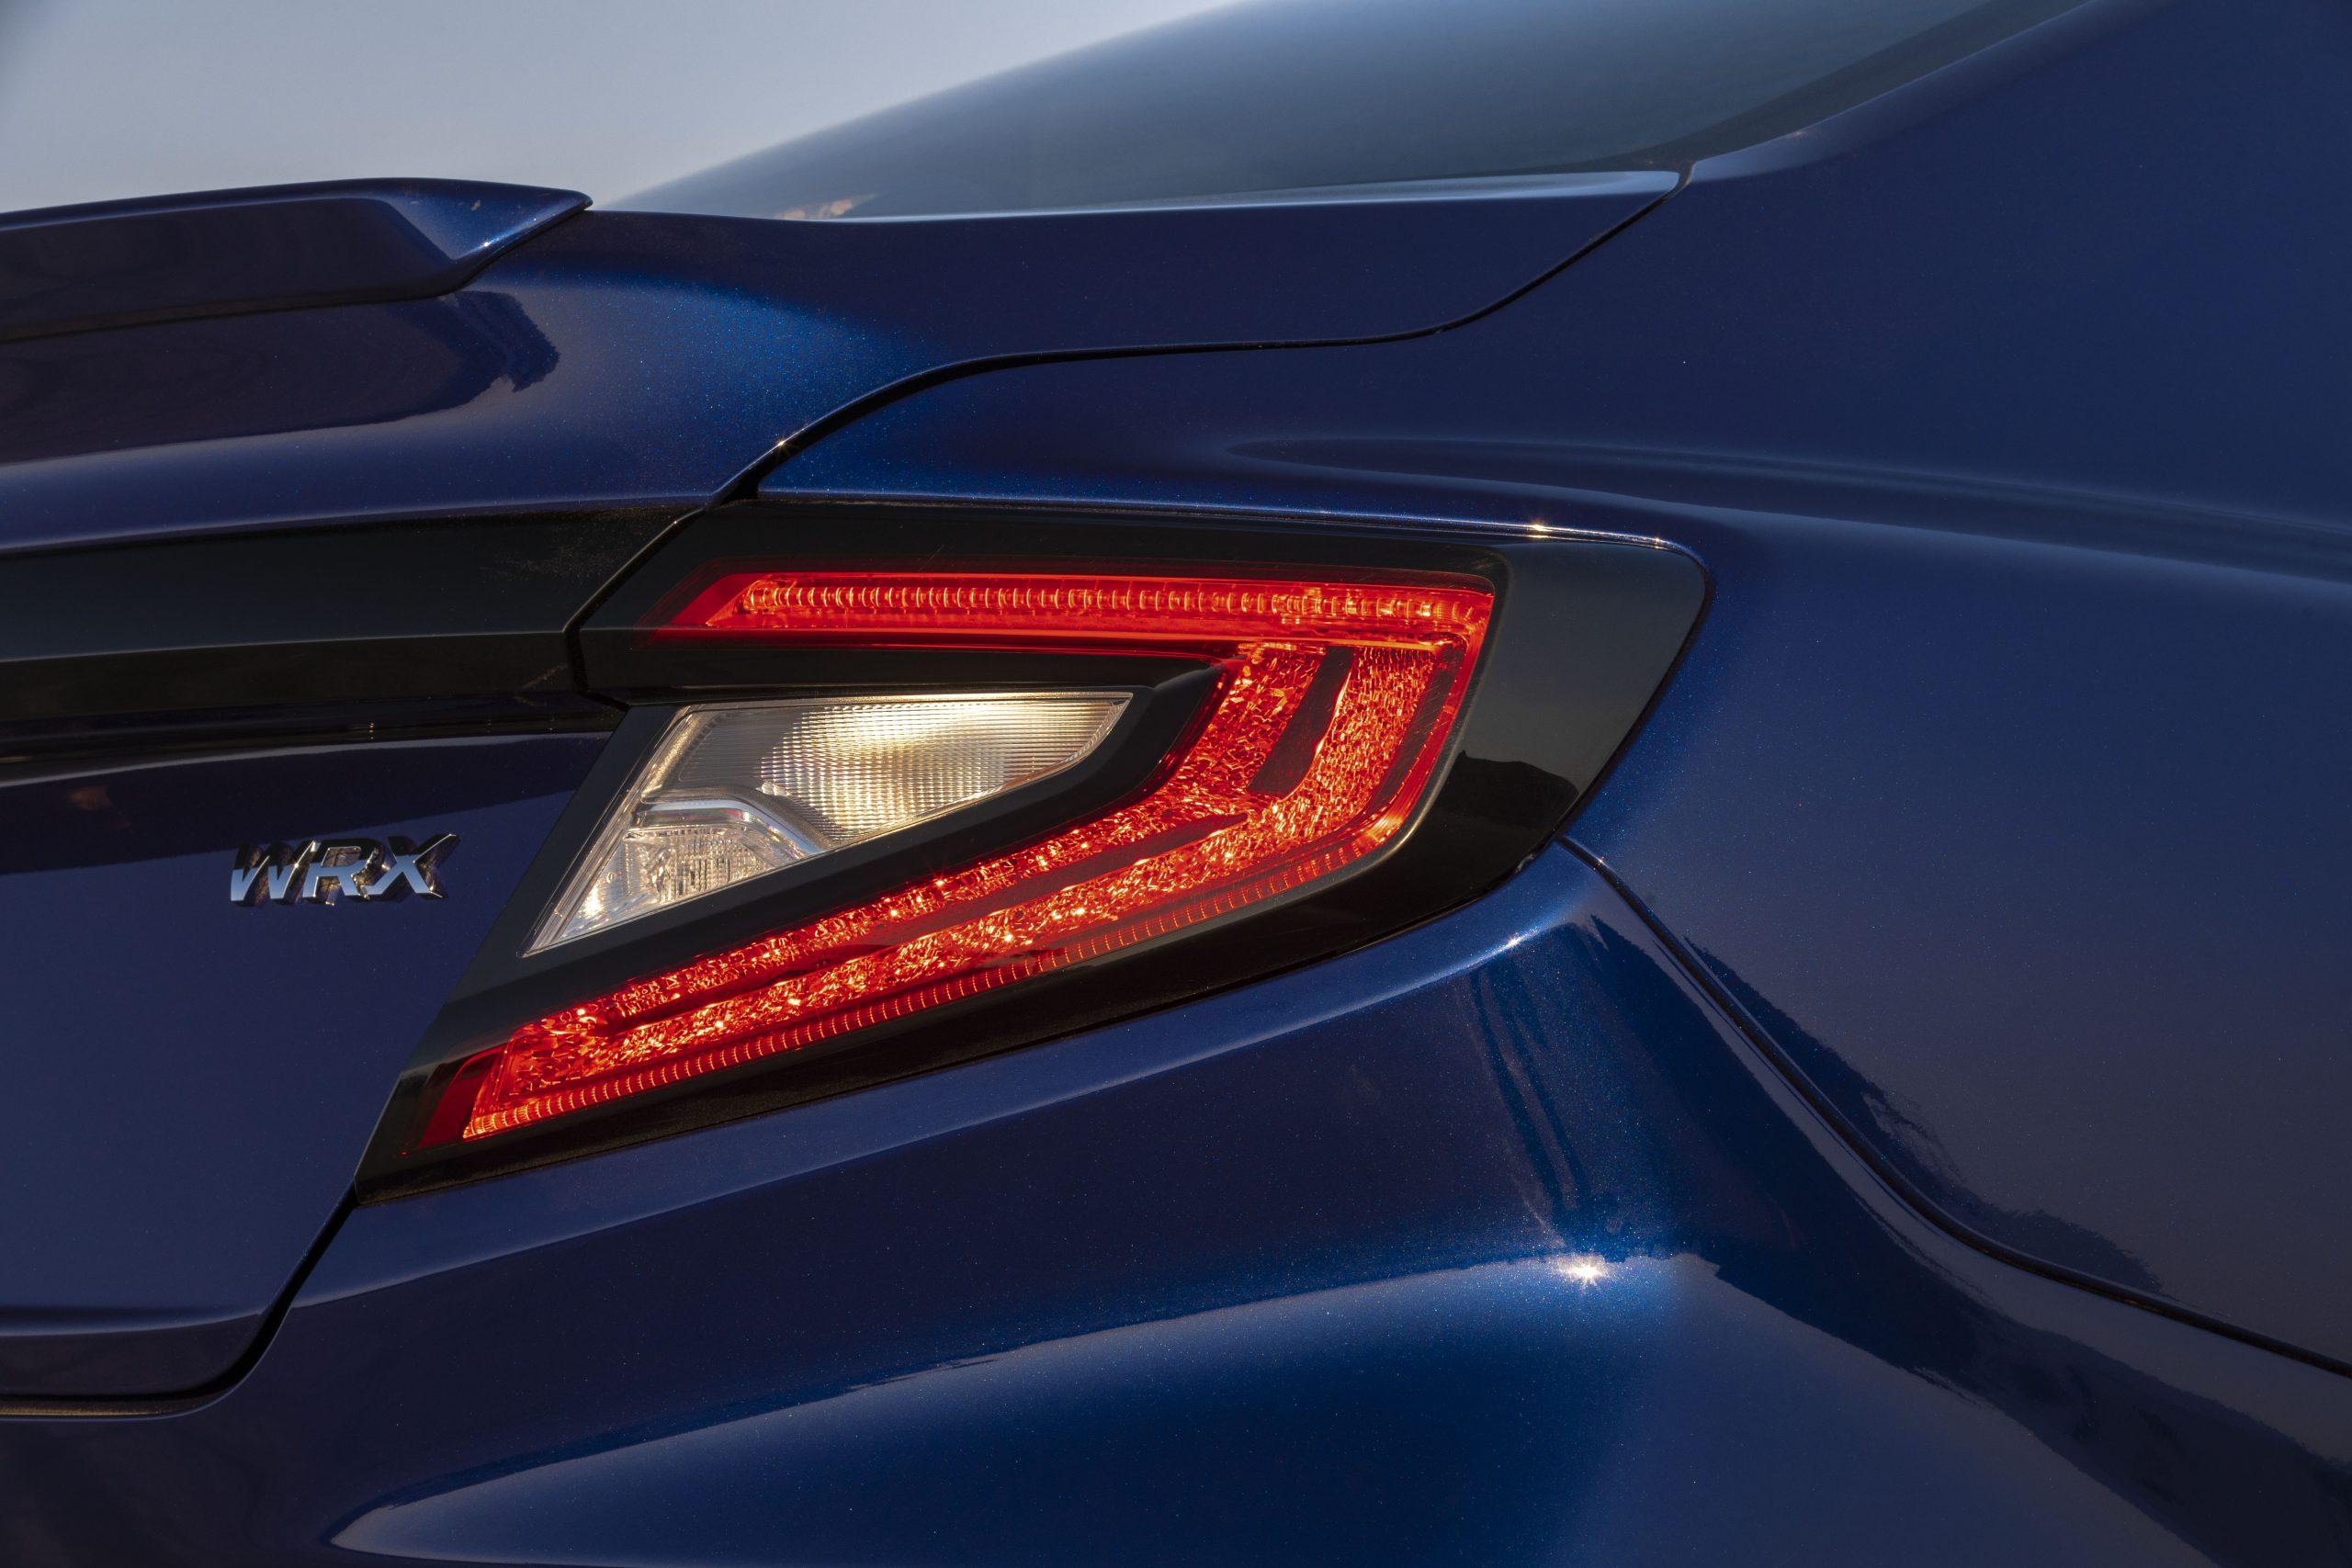 2022 Subaru WRX blue taillight detail